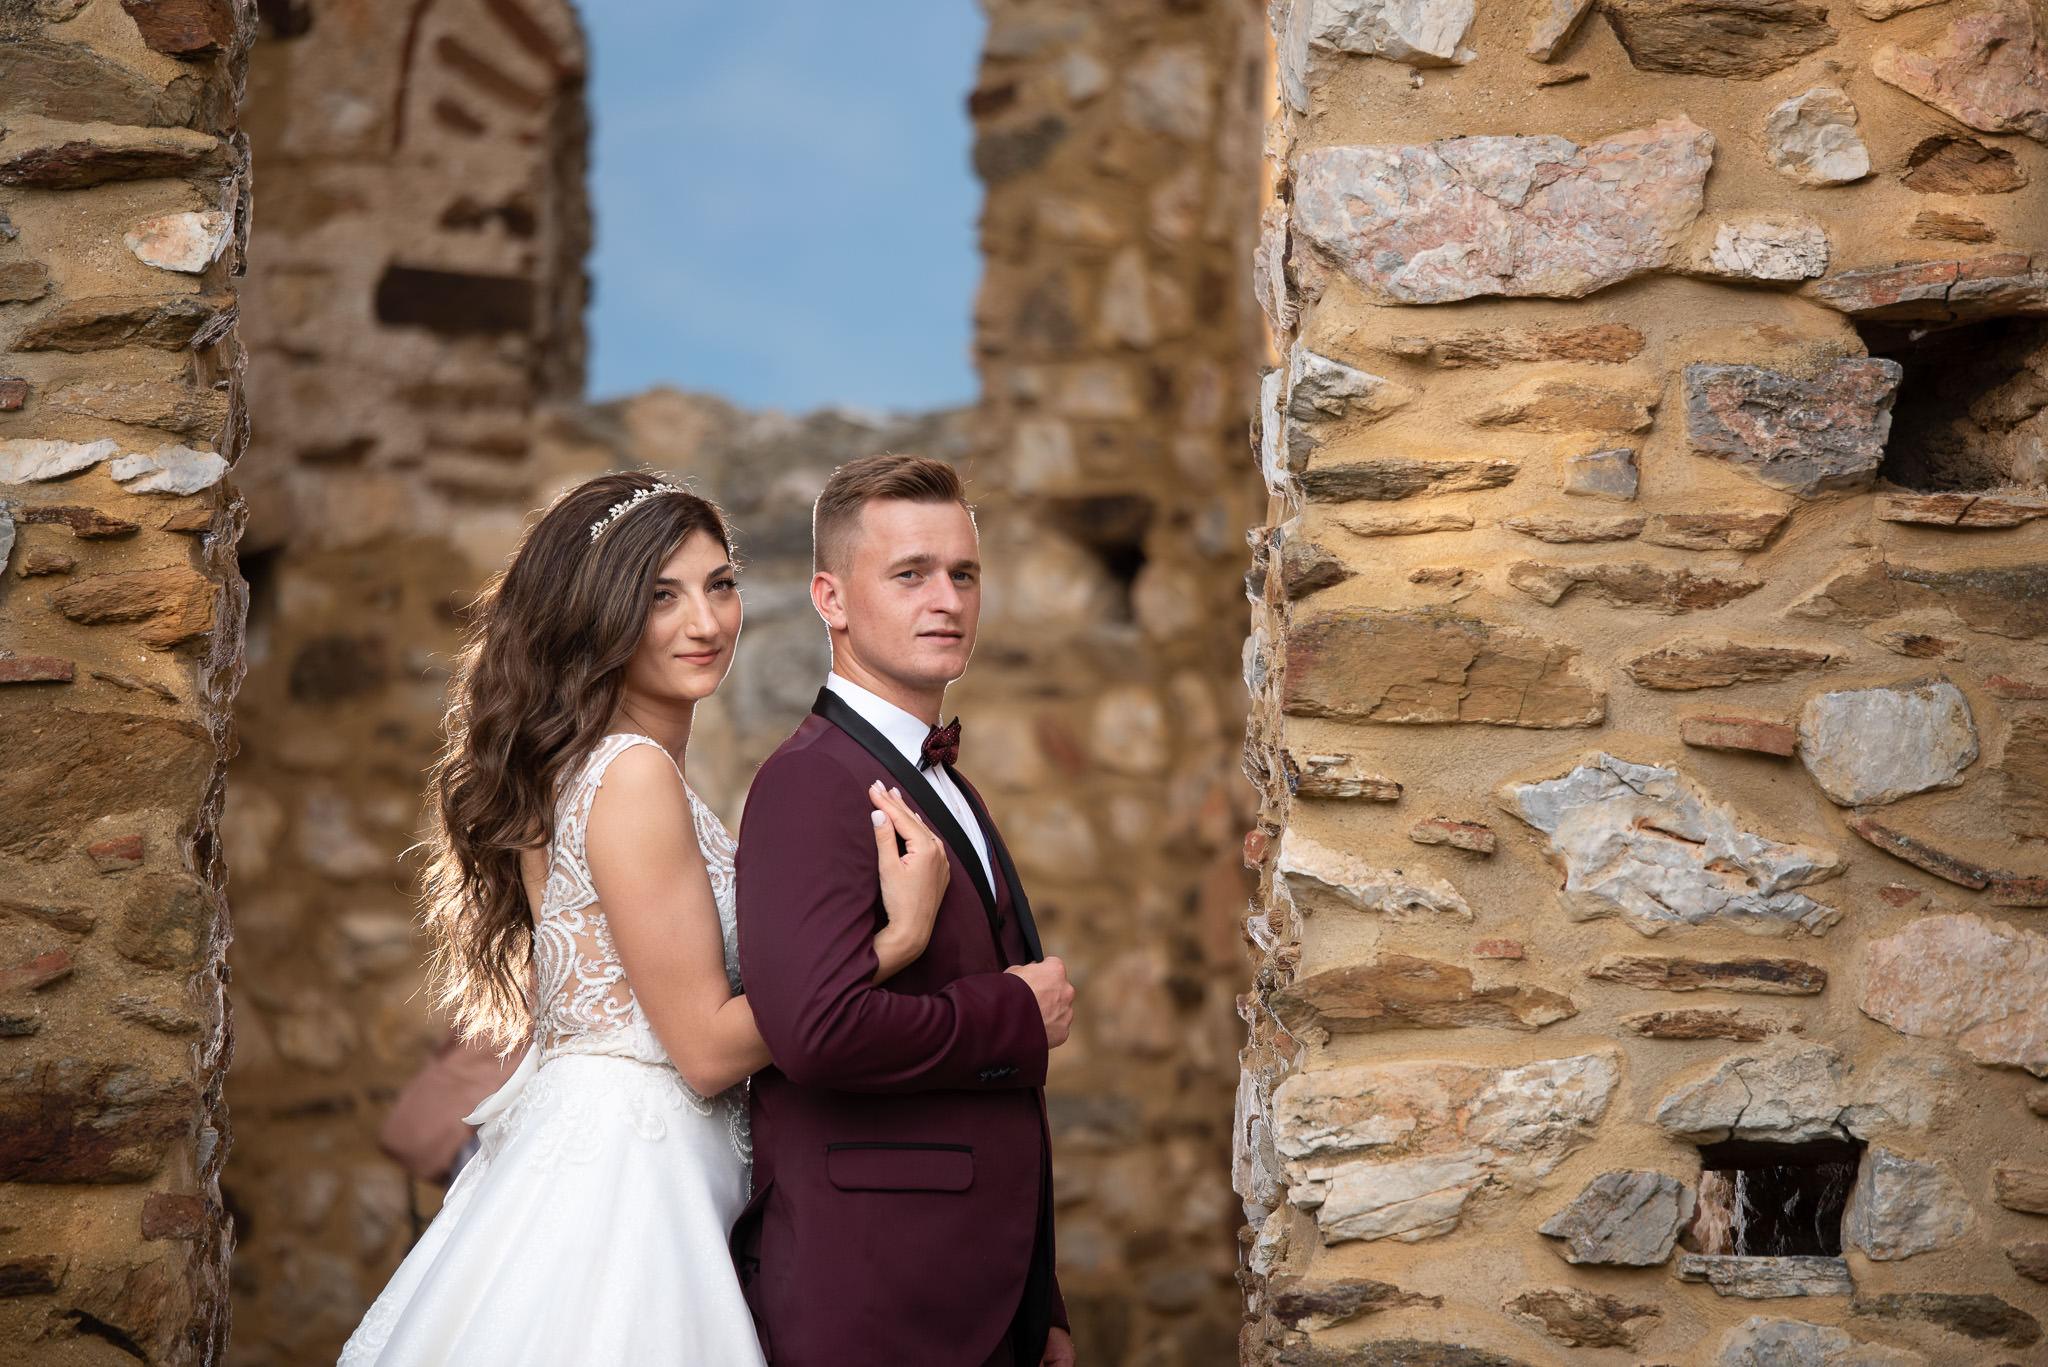 Φωτογράφιση γάμου Πρέσπες,Γάμος Πρέσπες,Φωτογράφοι γάμου Φλώρινα,Charis Avramidis Photography,Giannitsa